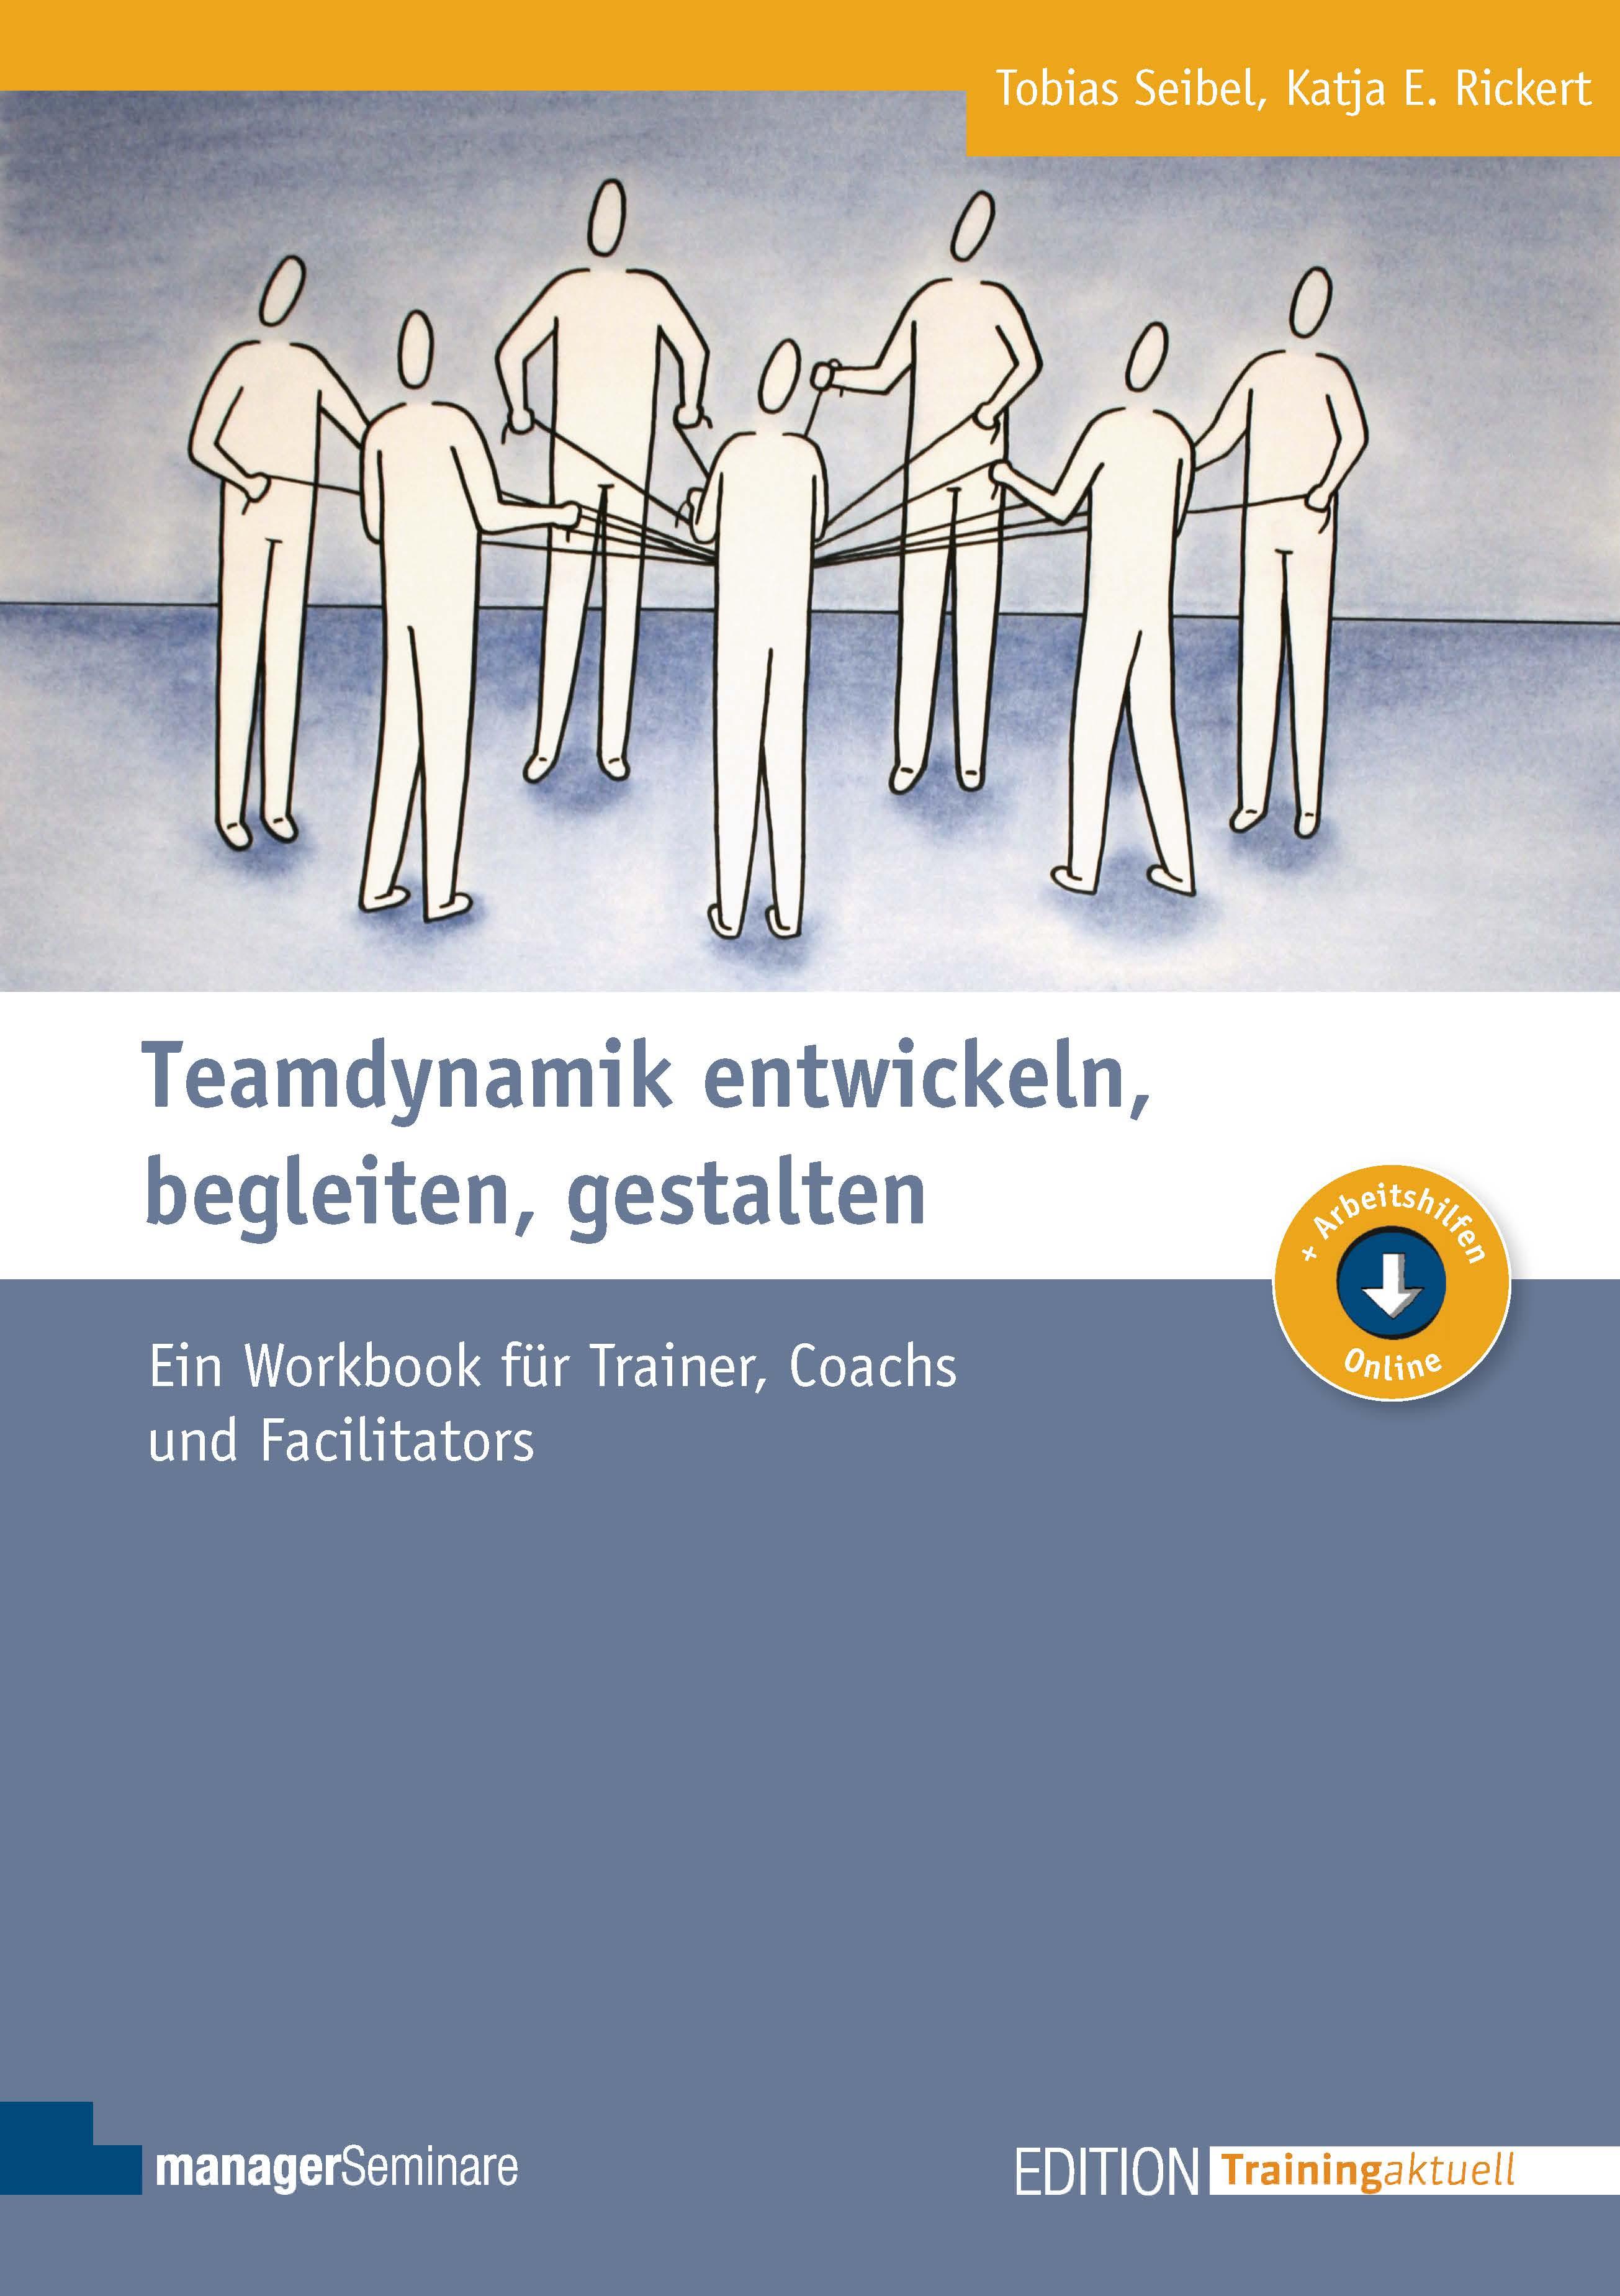 Cover Teamdynamik entwickeln, begleiten, gestalten.